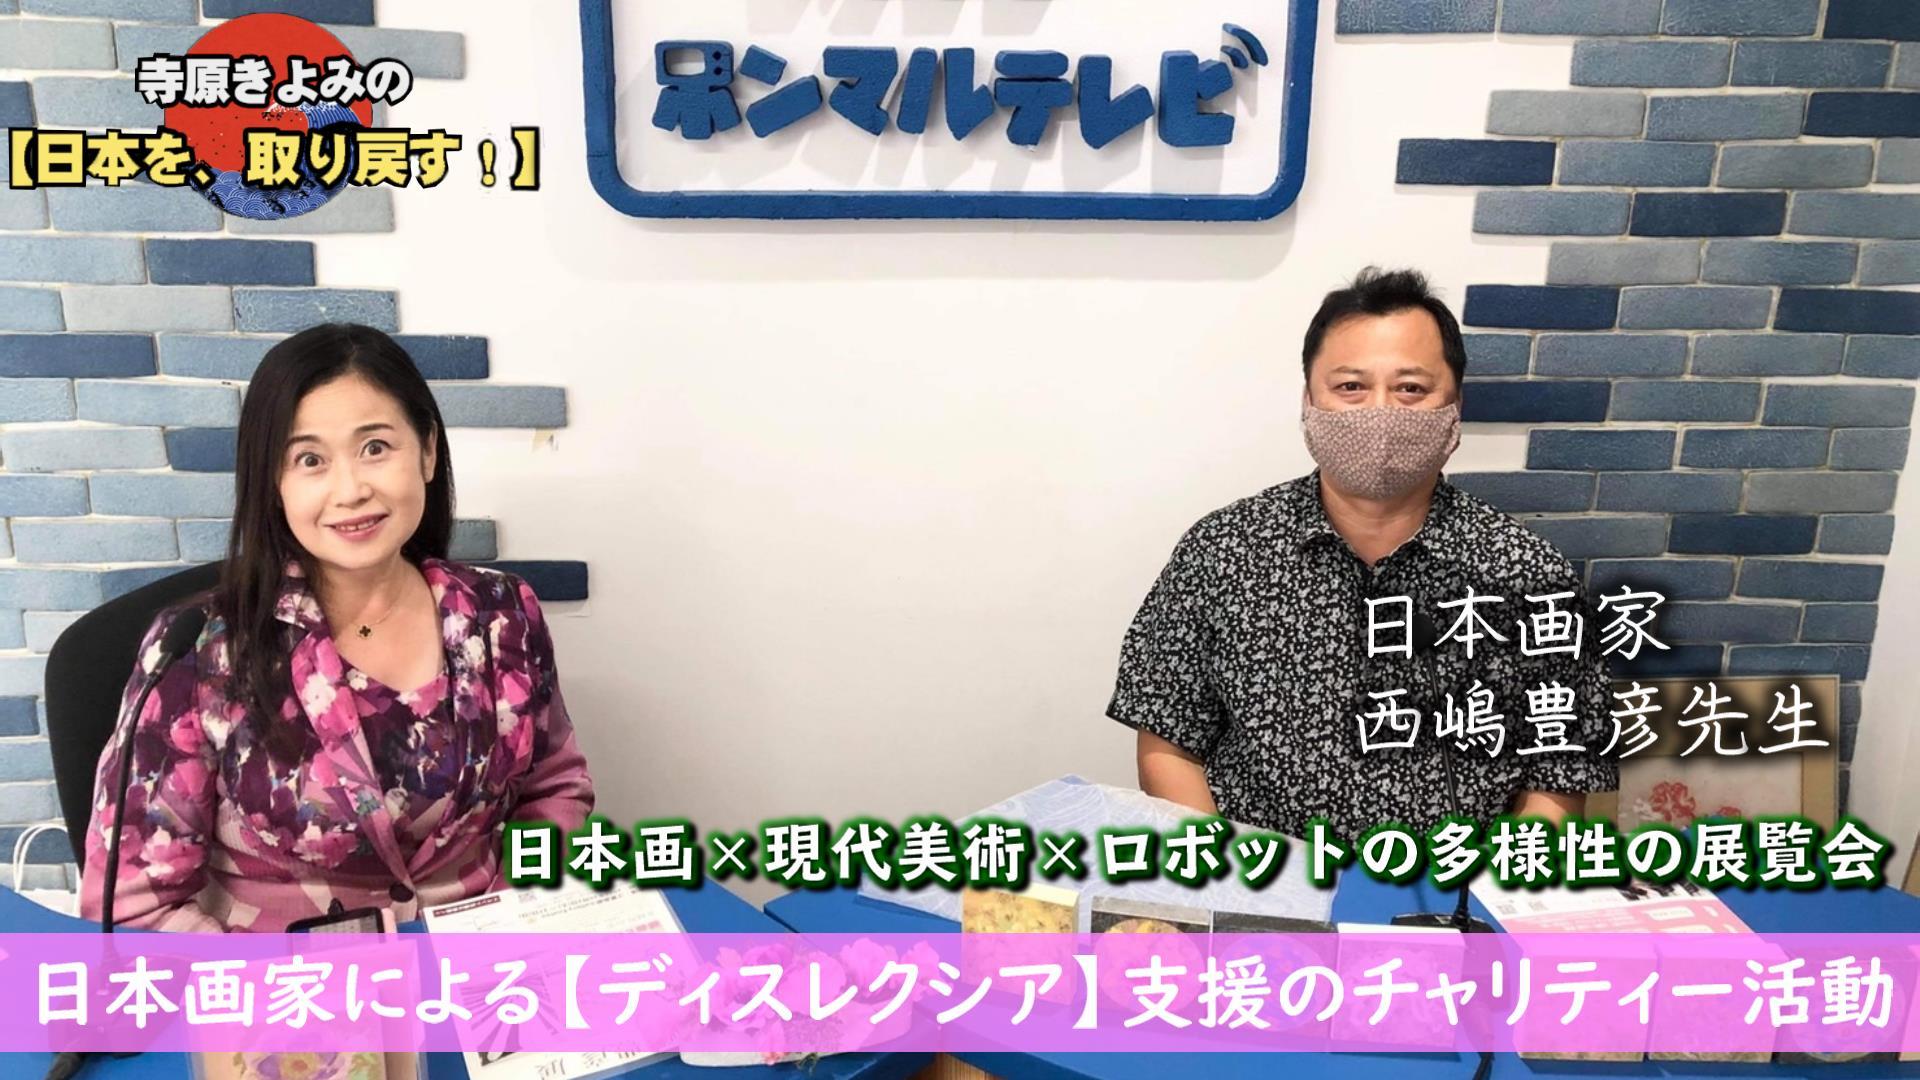 【西嶋豊彦】日本画家によるディスレクシア支援のチャリティー活動【日本を、取り戻す!】